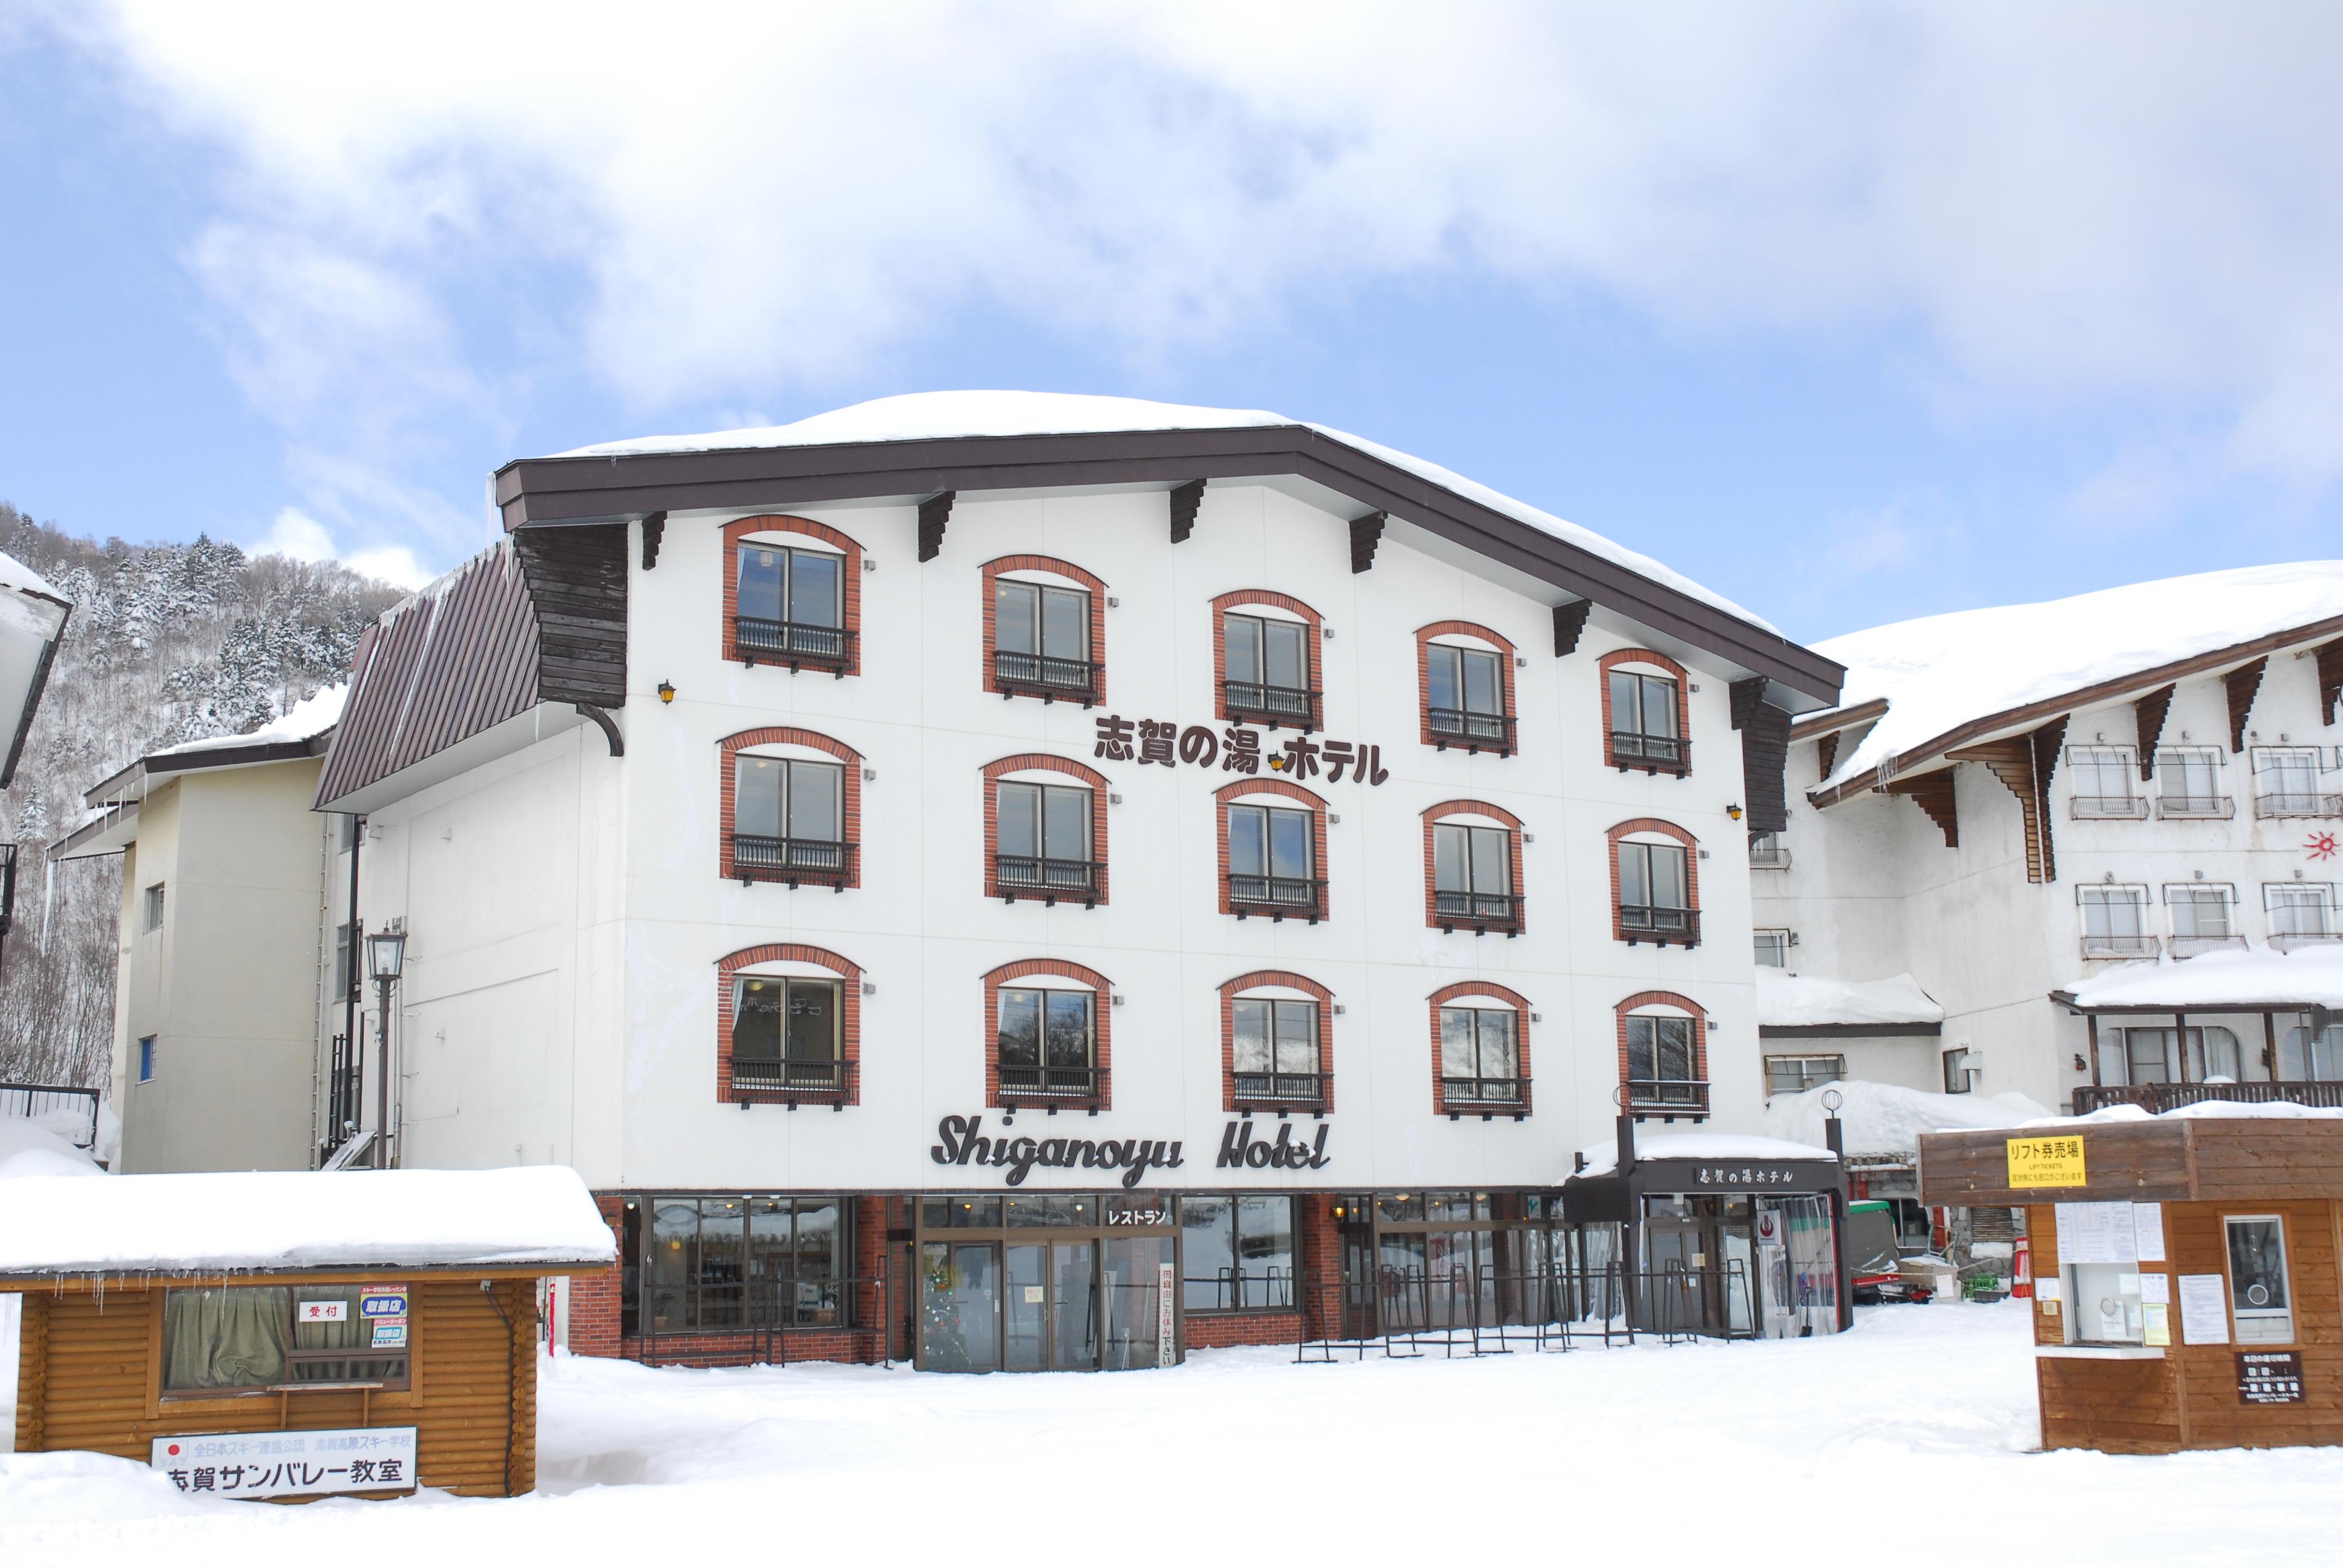 志賀の湯ホテル 外観写真